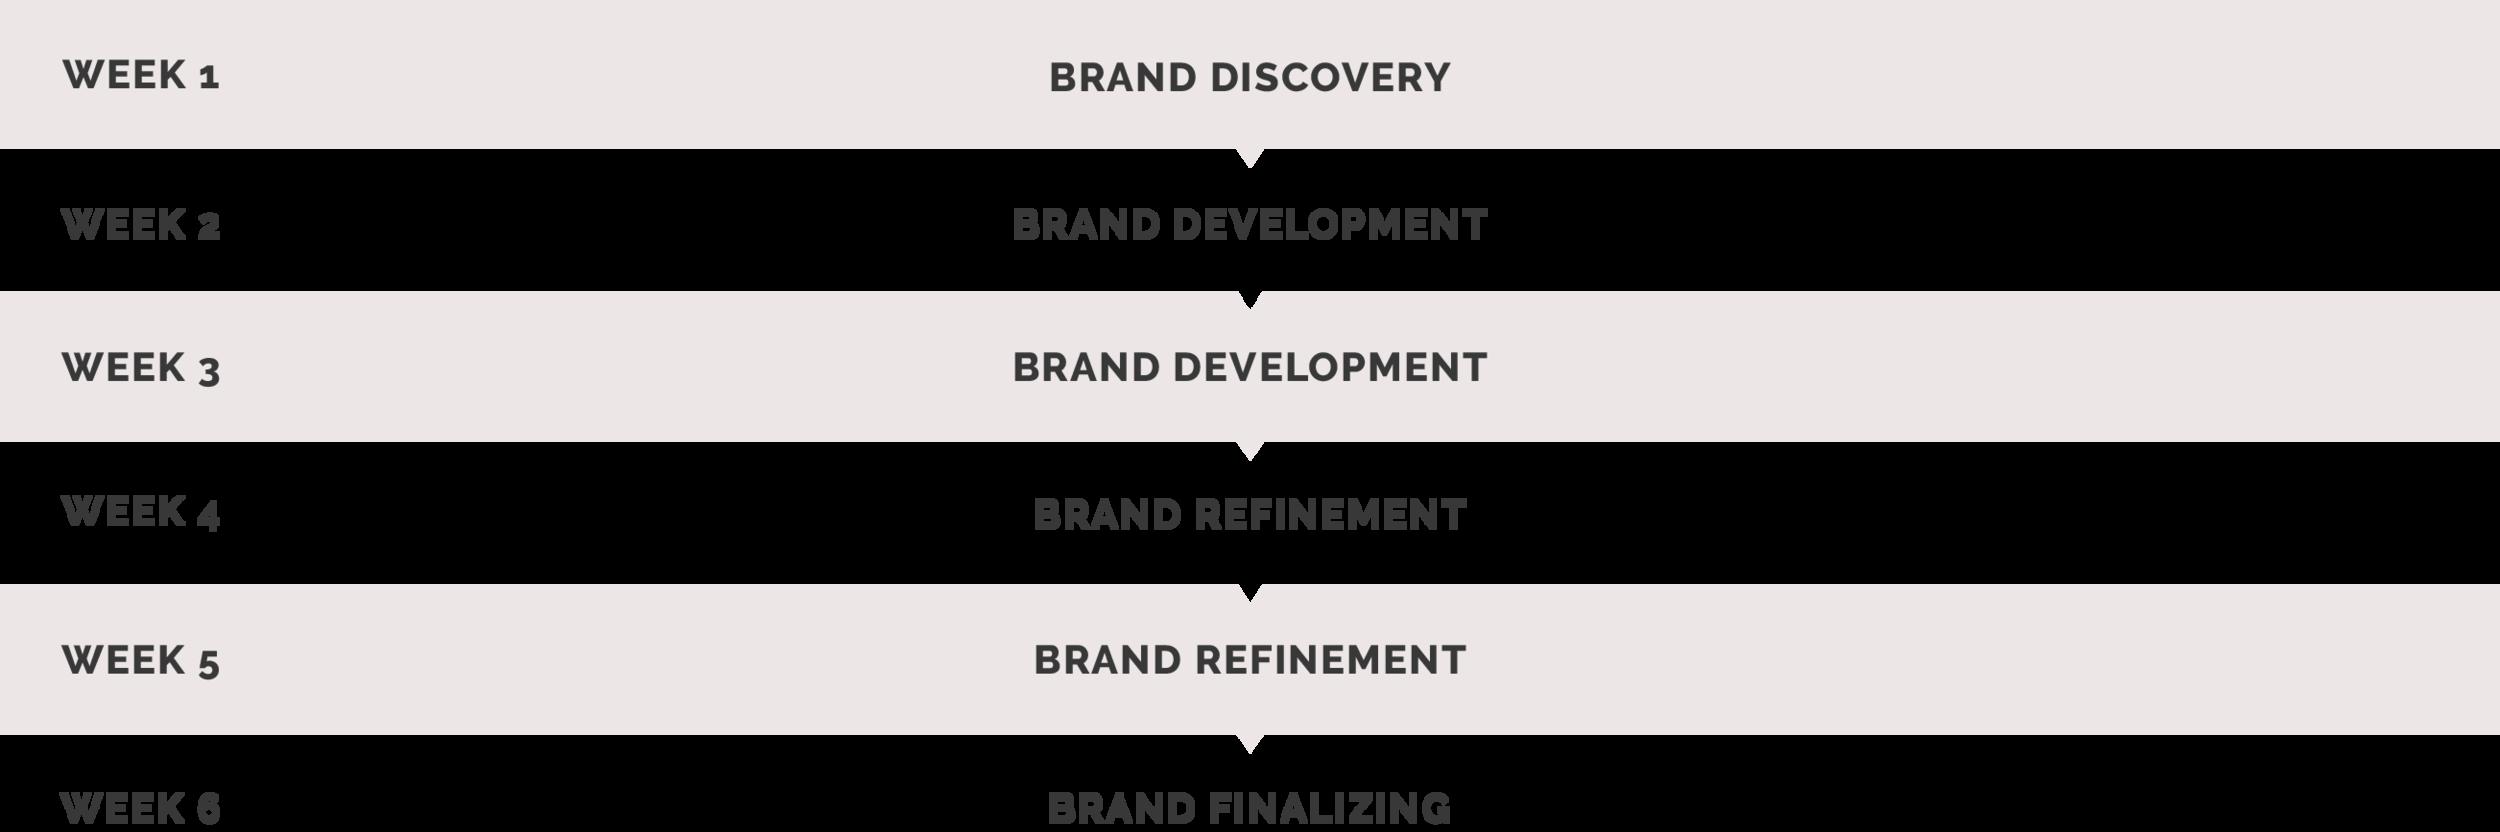 branddesigntimeline.png